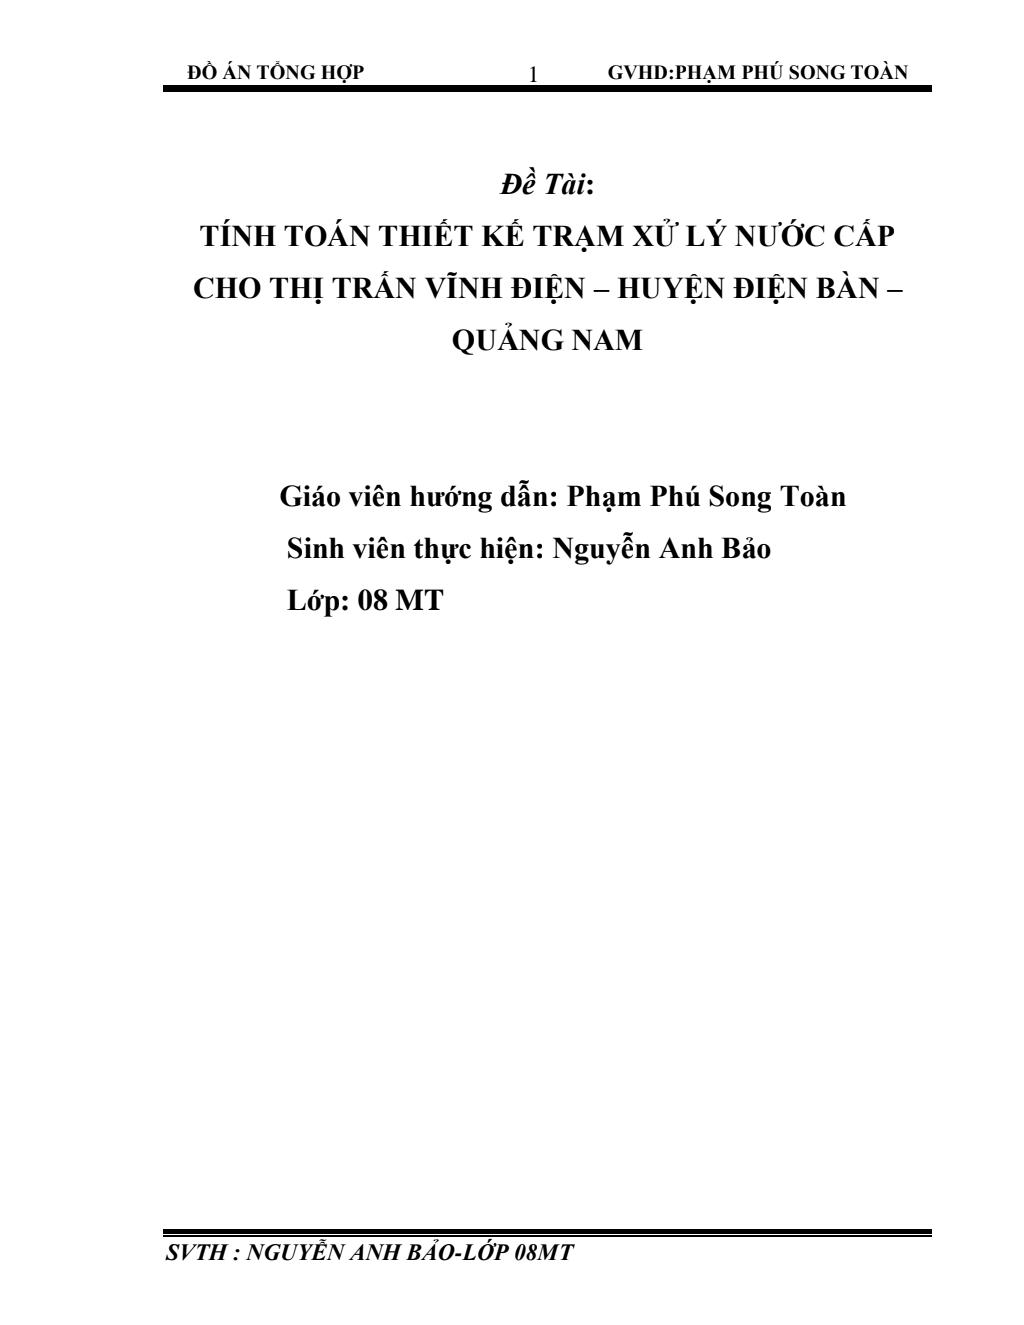 Tính toán thiết kế trạm xử lý nước cấp cho thị trấn Vĩnh Điện – Huyện Điện Bàn – Quảng Nam